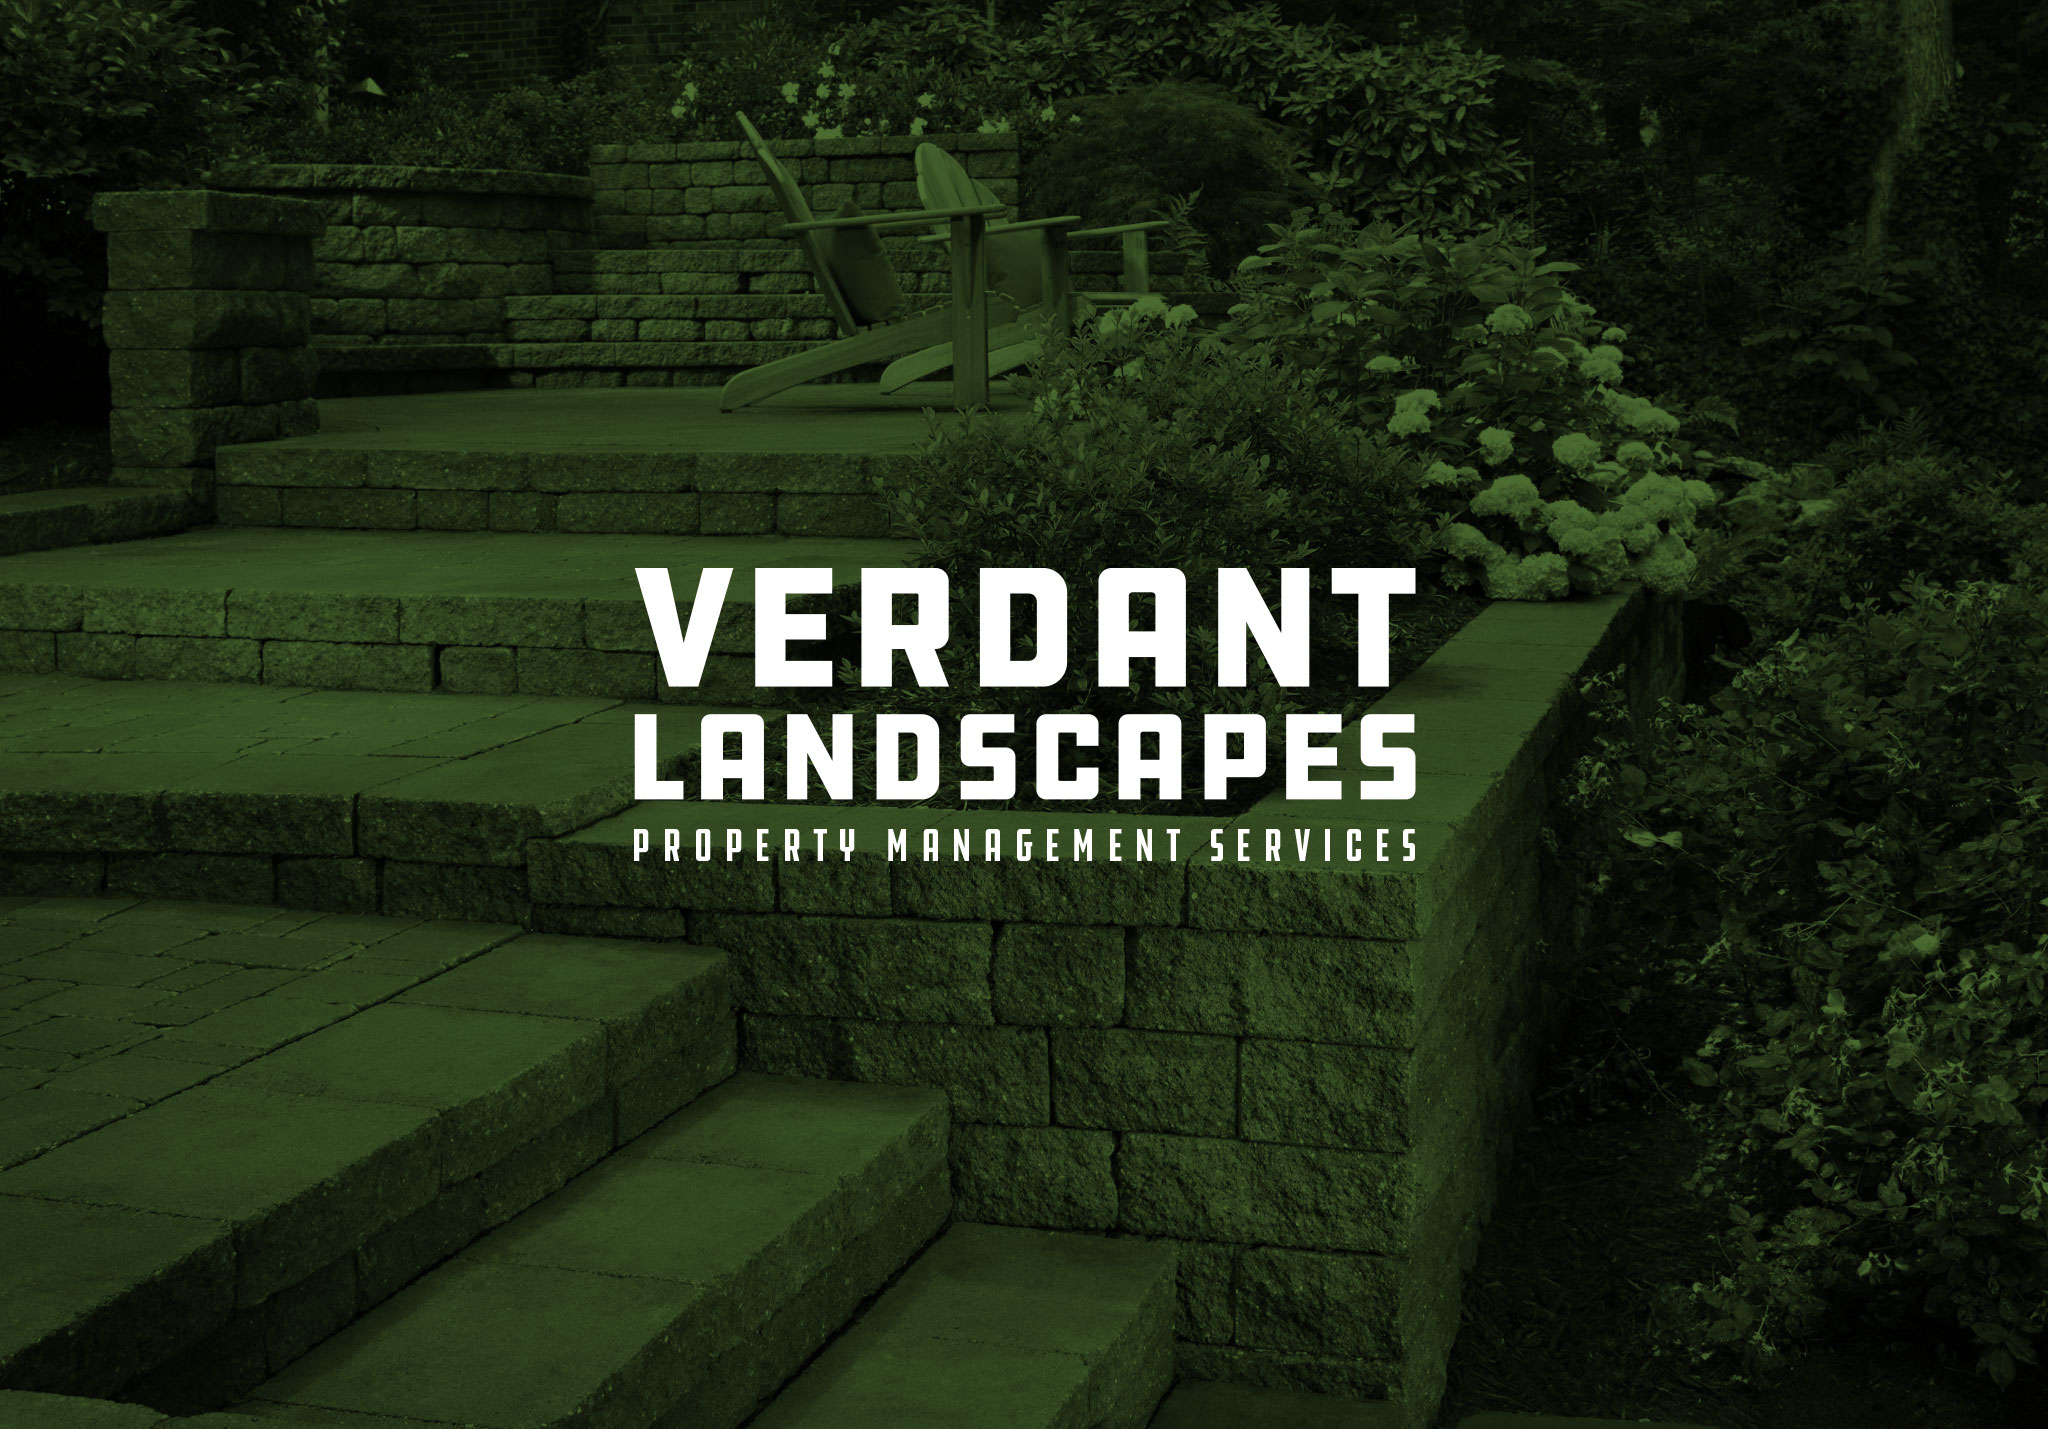 Verdant Landscapes